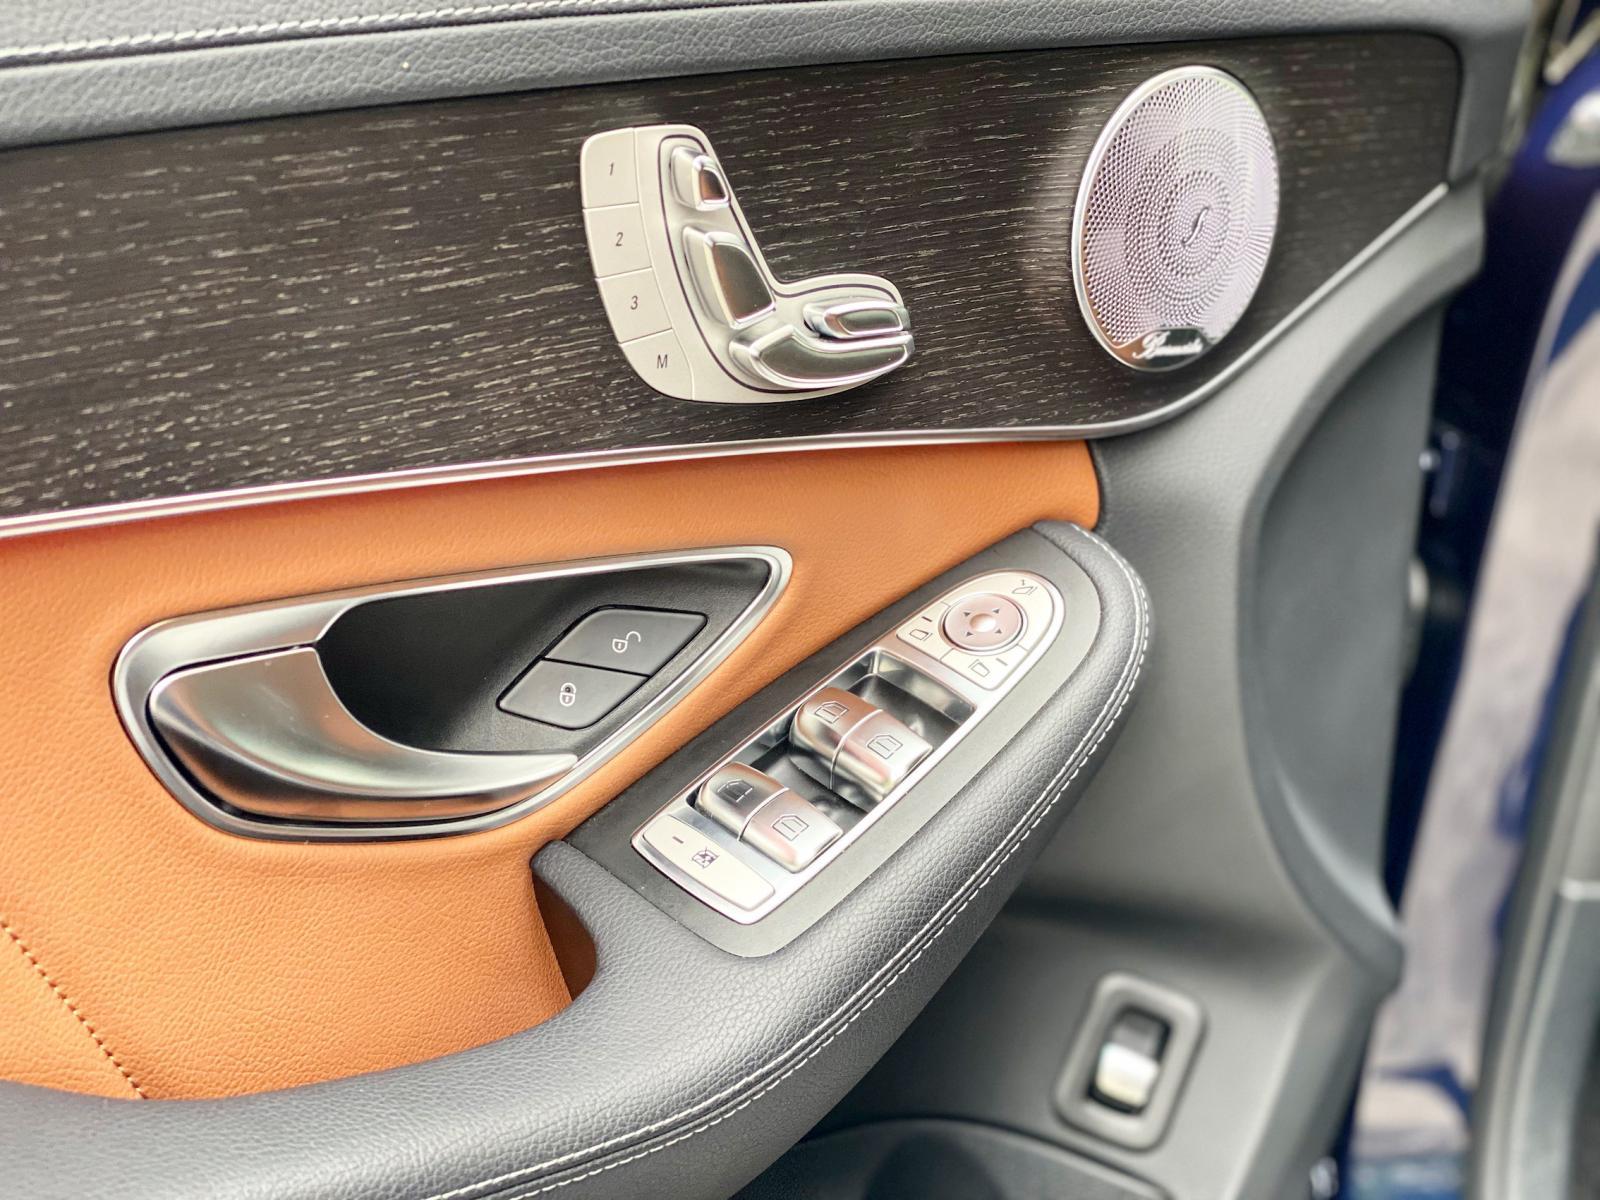 Bán Mercedes C300 AMG 2020 chính chủ chạy lướt, biển đẹp, giá tốt